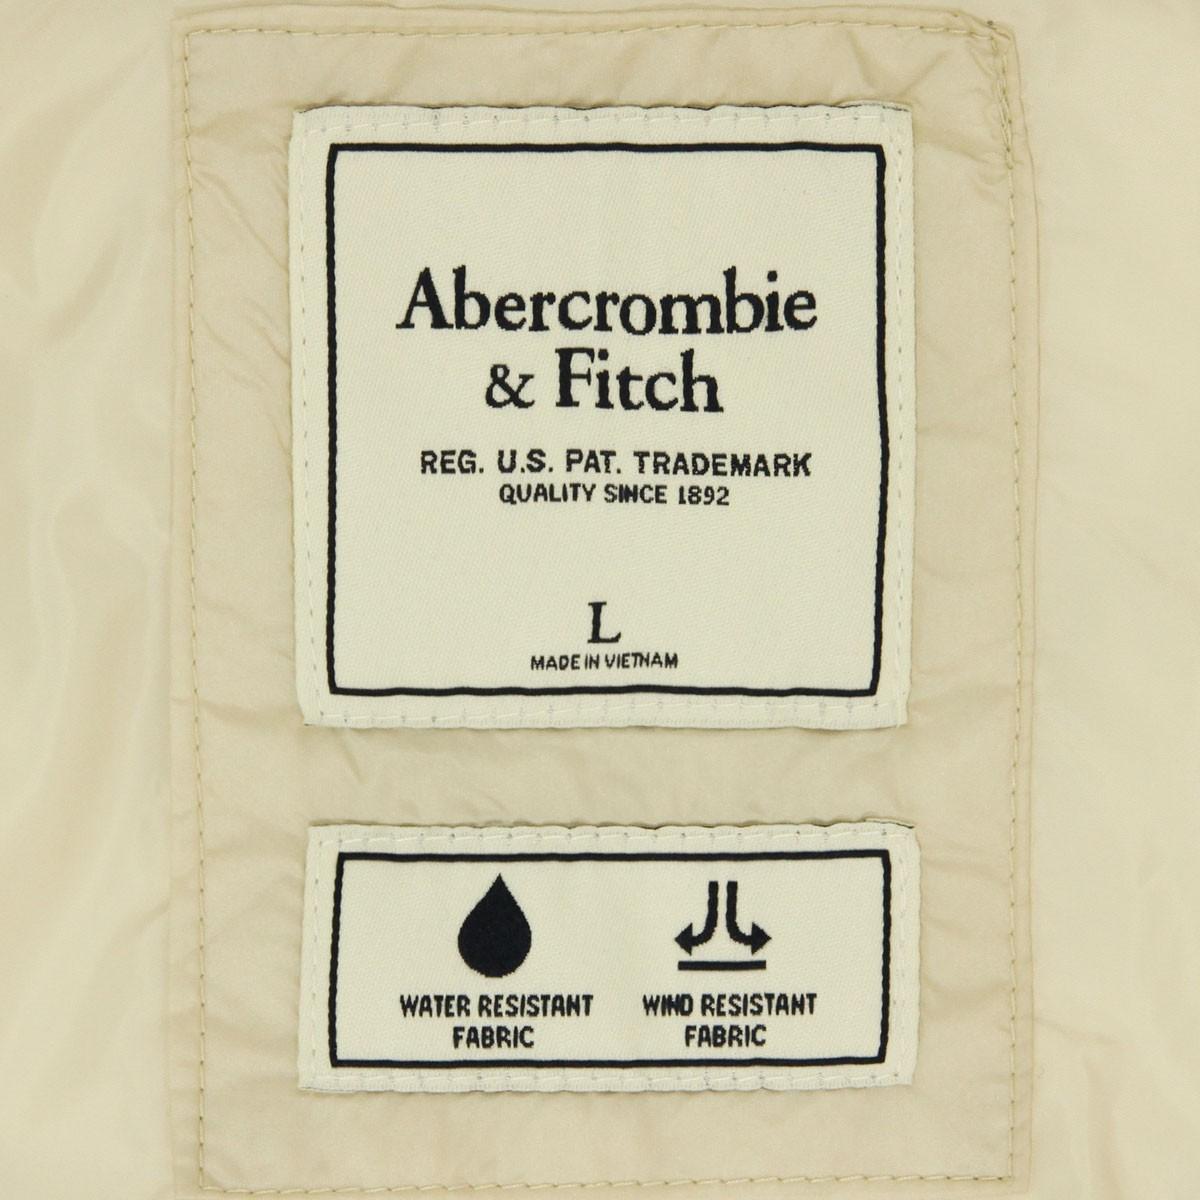 アバクロ Abercrombie&Fitch 正規品 レディース アウター PUFFER JACKET 144-442-0491-100